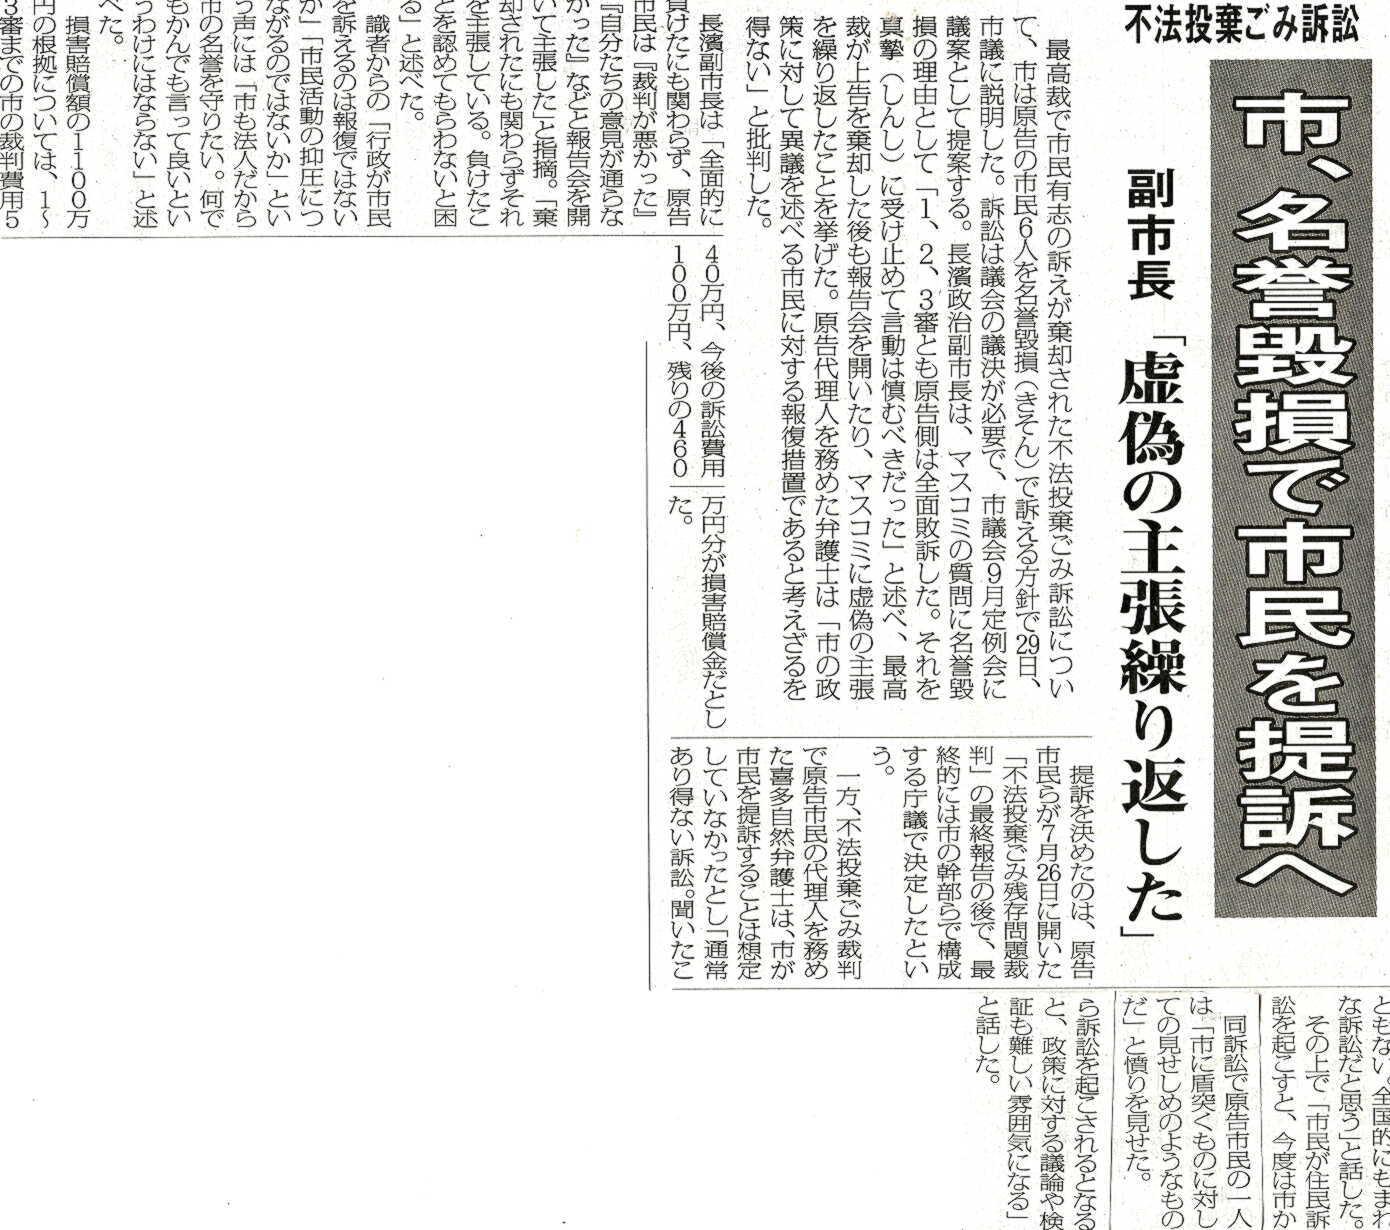 miyakomainichi2019 08301